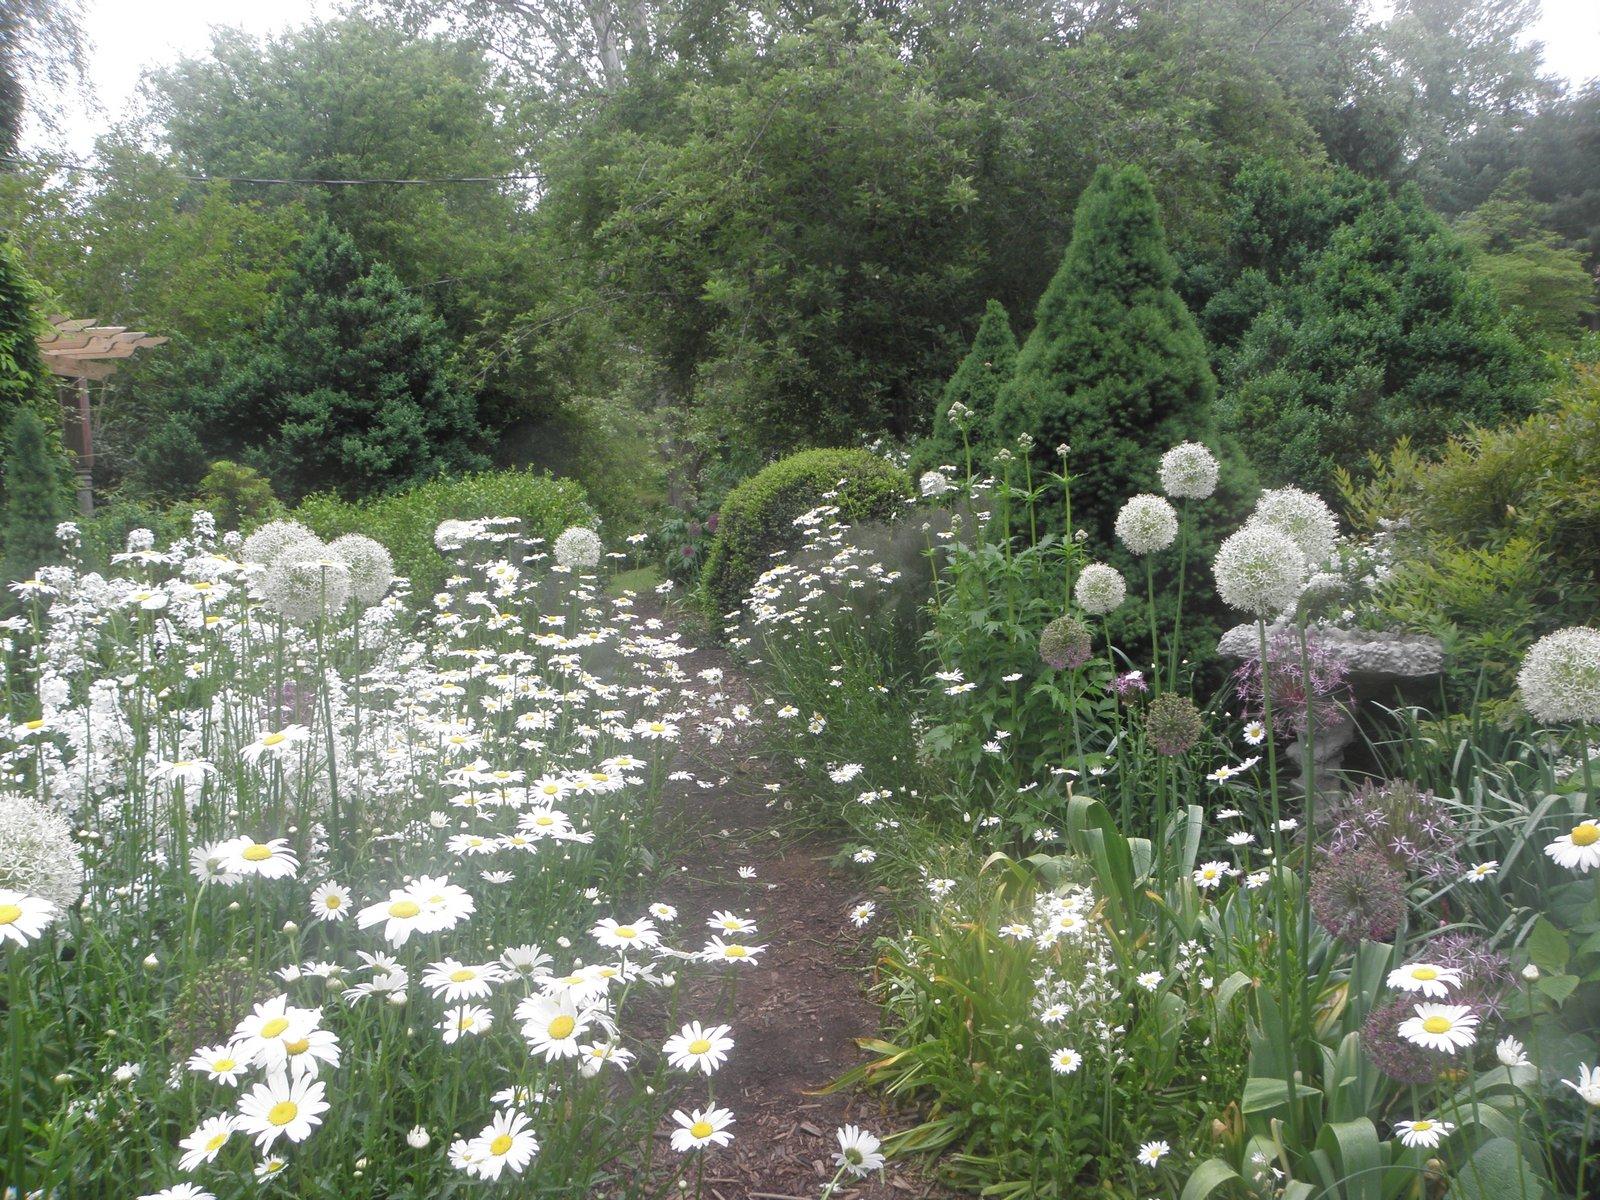 flowers along garden path